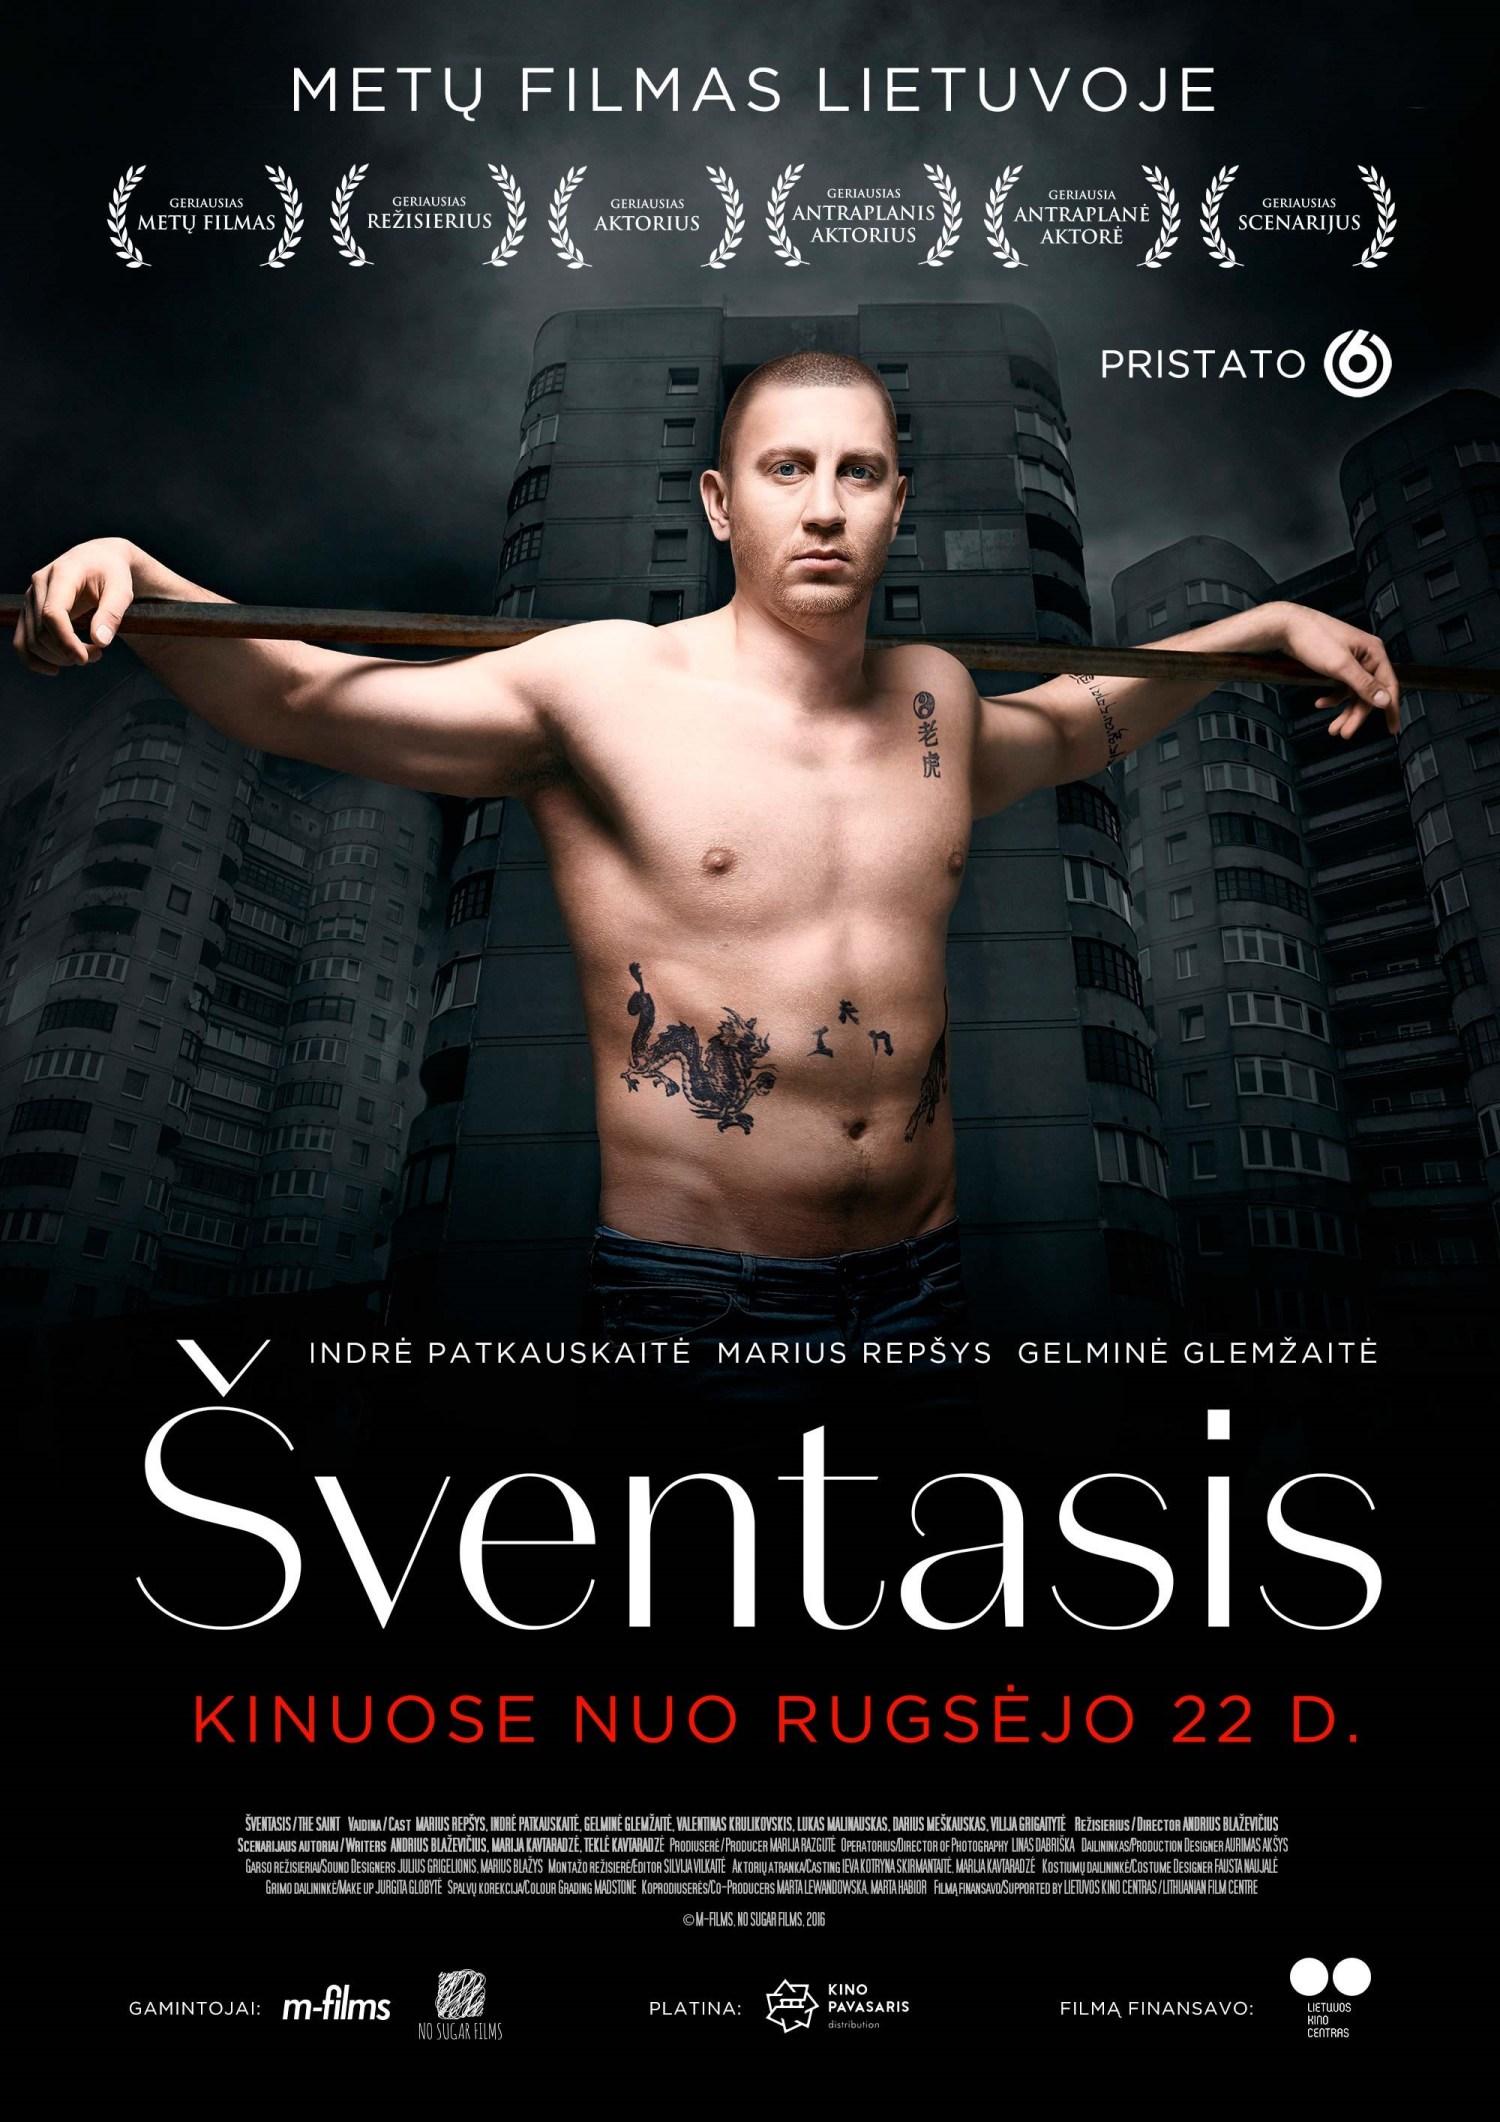 بوستر فيلم القديس - ٢٠١٦ - إنتاج: لتوانيا، بولندا - إخراج: أندريوس بلازِفيسيوس